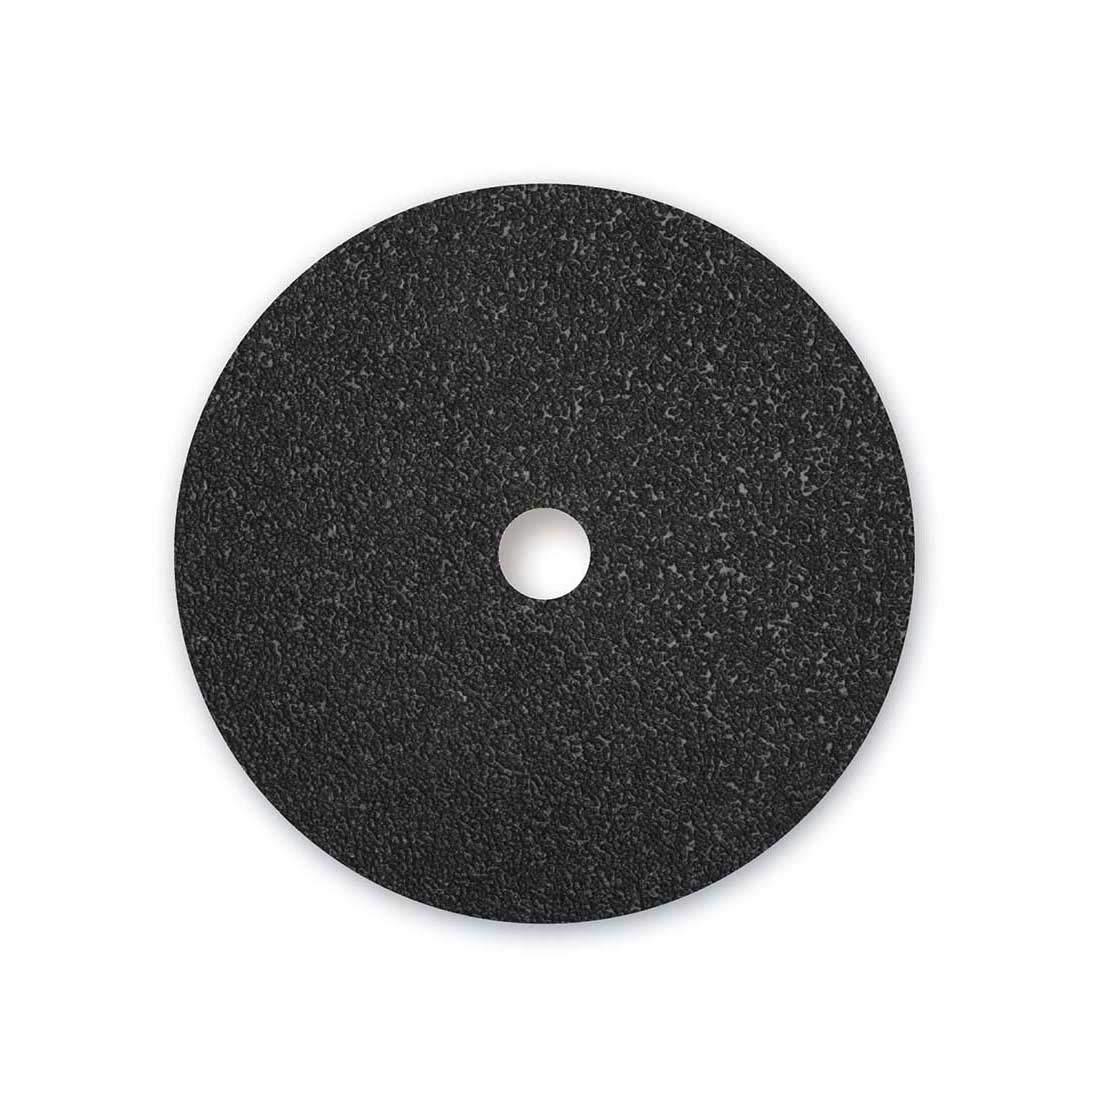 5 Disques abrasifs double face MENZER pour monobrosses - Ø 406 mm / 25 mm - grain 16 - double face